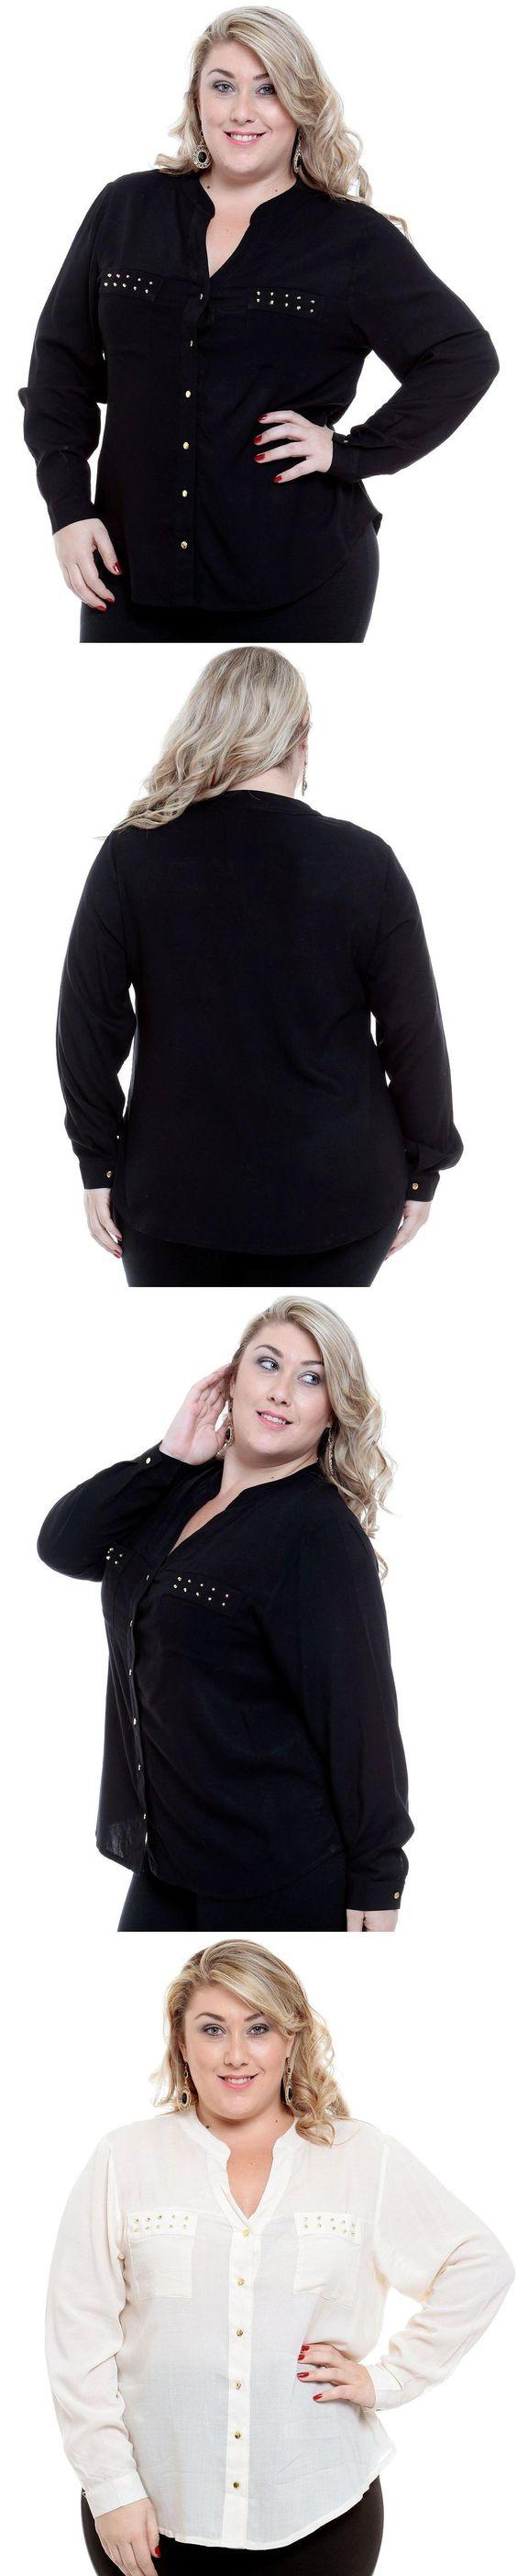 Camisa plus size confeccionada em tecido liso com abertura em botão, decote V, manga longa. Detalhe bolsos na frente com aplicação de spikes dourados e barra assimétrica.